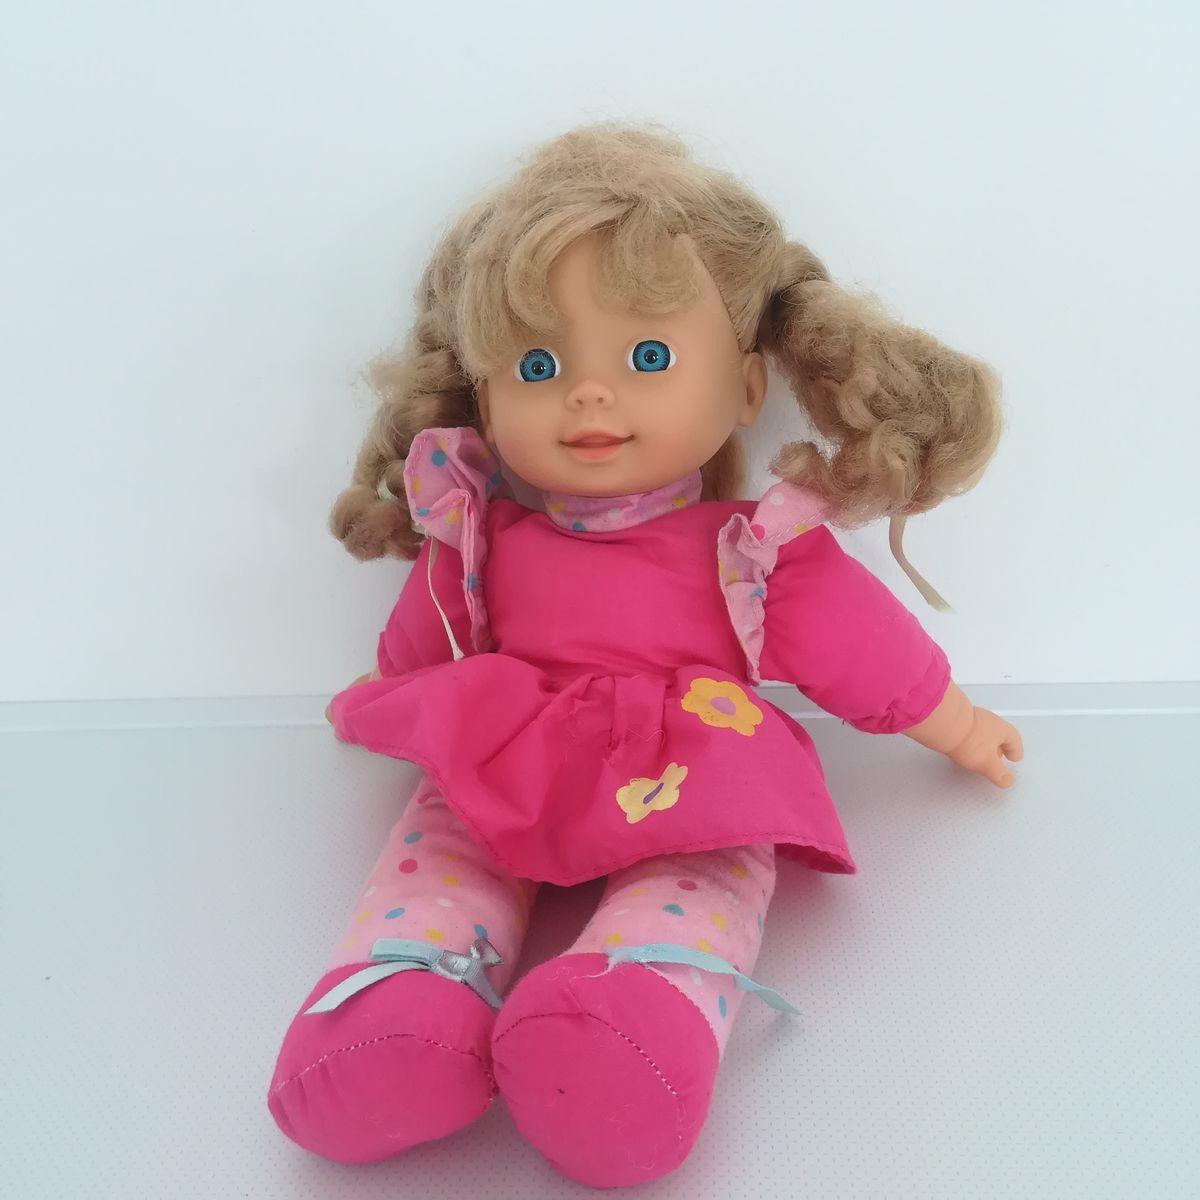 b95c2873fb Ár: 1 090 Ft | Tesco EMMI kék szemű szőke hajú kislány baba pink ...